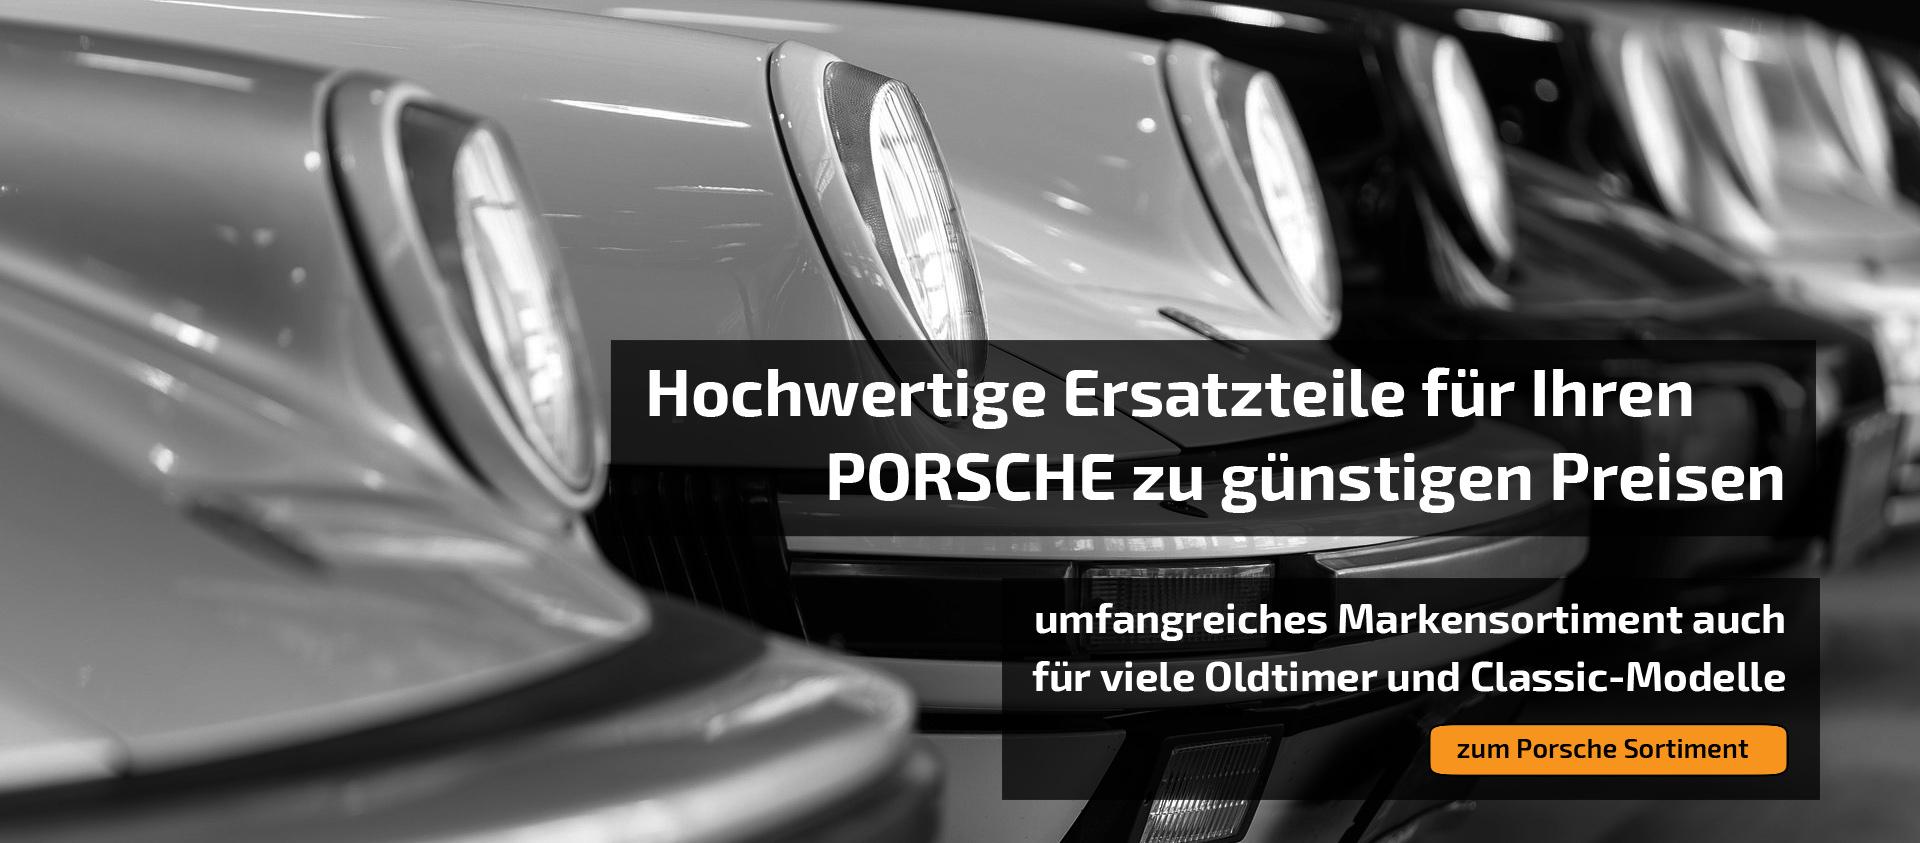 Headerbild für Porsche Ersatzteile